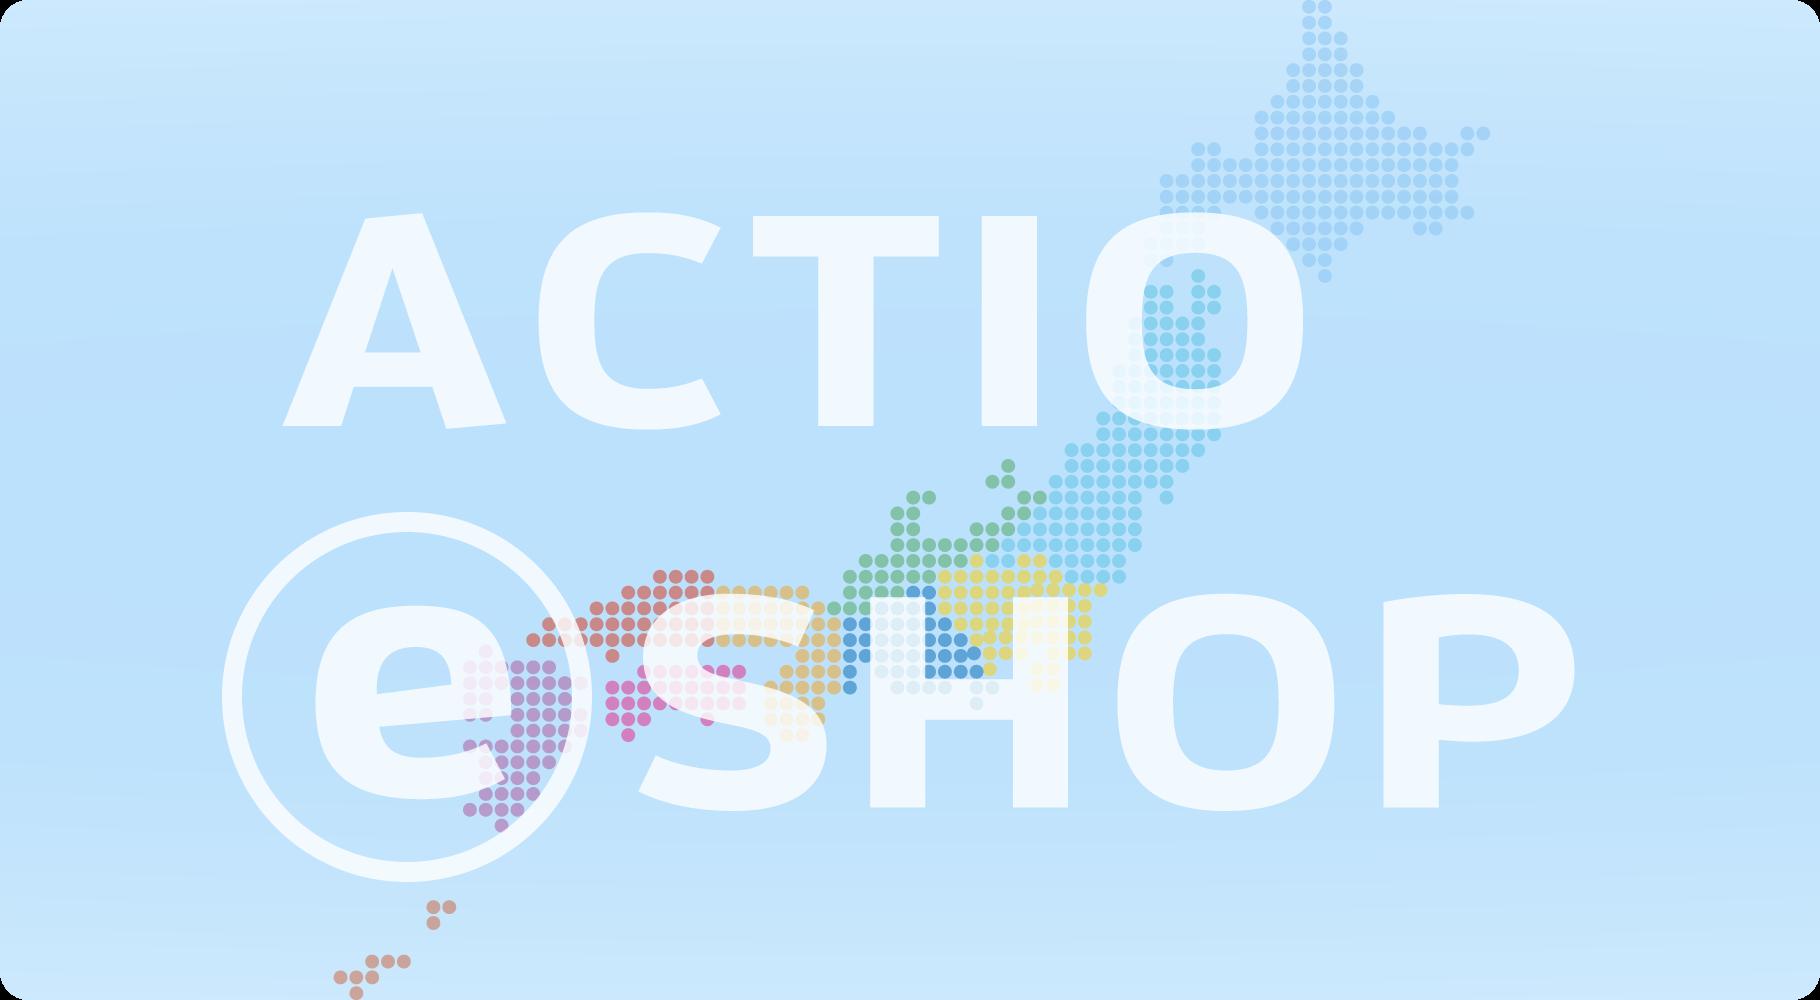 自己成長ツールのACTIOブランドを通信販売で購入可能。ビジネス向け・中高生(中学生・高校生)向けの商品ラインナップ。